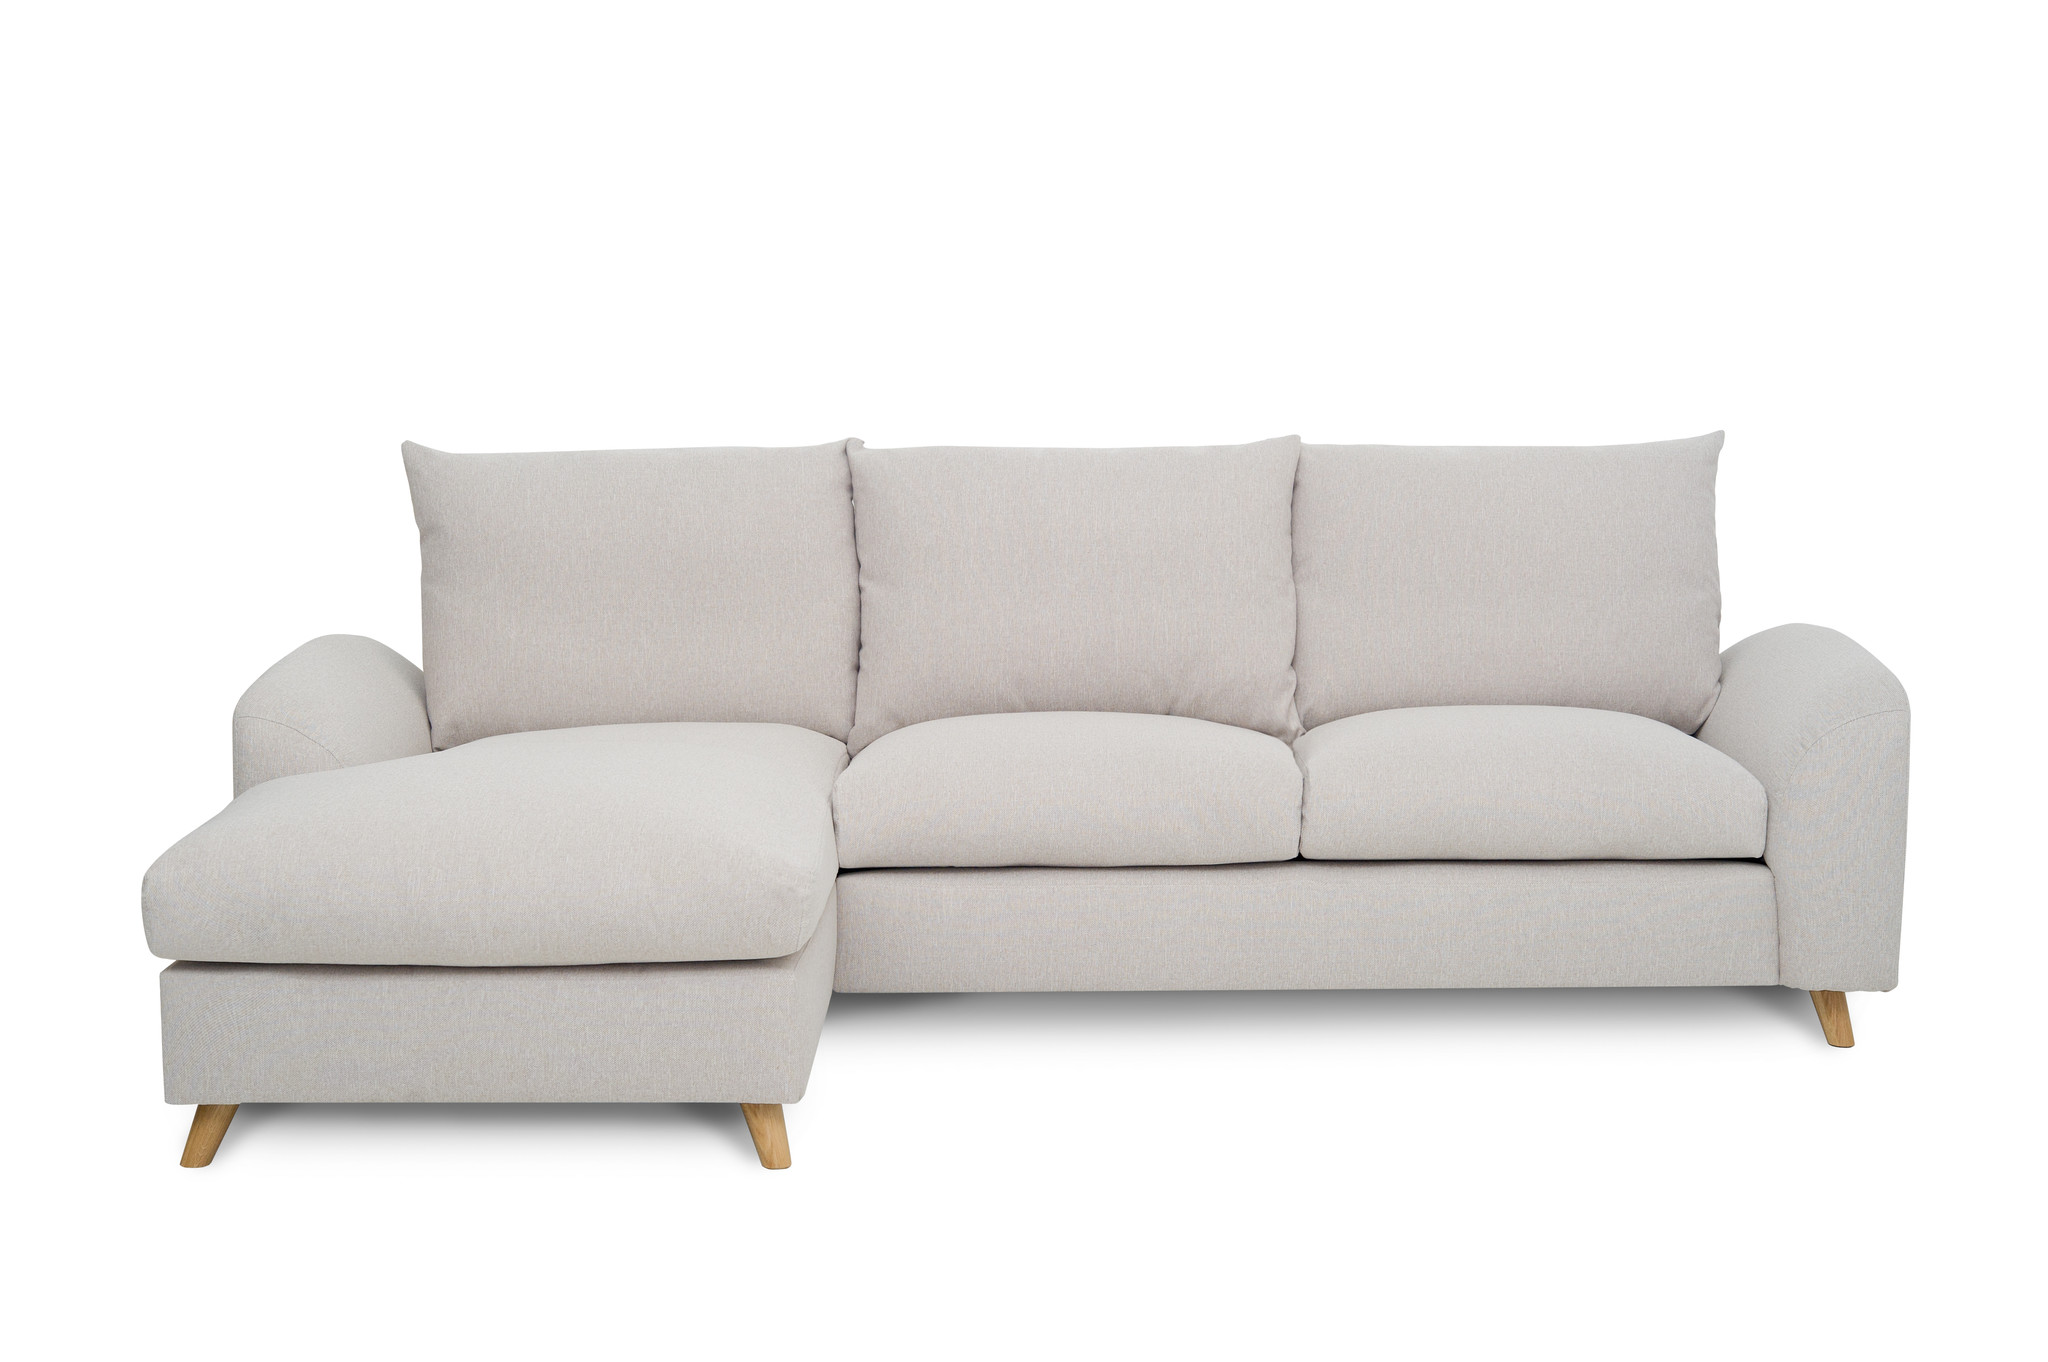 Диван Хамар ливингУгловые диваны<br>Хамар ливинг – изумительный диван для гостиной. Интересные решения подлокотников и деревянные наклонные ножки вместе создают жизнерадостное ощущение от коллекции диванов Хамар ливинг. Мягкий и комфортный диван по достоинству оценит вся семья. Угол можно выбрать самому -левый или правый (угол определяется сидя на диване).&amp;amp;nbsp;&amp;lt;div&amp;gt;&amp;lt;br&amp;gt;&amp;lt;/div&amp;gt;&amp;lt;div&amp;gt;Не разбирается.&amp;amp;nbsp;&amp;lt;/div&amp;gt;&amp;lt;div&amp;gt;Каркас (комбинации дерева, фанеры и ЛДСП).&amp;amp;nbsp;&amp;lt;/div&amp;gt;&amp;lt;div&amp;gt;Для сидячих подушек используют пену различной плотности, а также перо и силиконовое волокно.&amp;amp;nbsp;&amp;lt;/div&amp;gt;&amp;lt;div&amp;gt;Для задних подушек есть пять видов наполнения: пена, измельченая пена, пена высокой эластичности, силиконовые волокно.&amp;amp;nbsp;&amp;lt;/div&amp;gt;&amp;lt;div&amp;gt;Материал обивки: Platin 8 beige.&amp;lt;/div&amp;gt;<br><br>Material: Текстиль<br>Ширина см: 265<br>Высота см: 88<br>Глубина см: 163